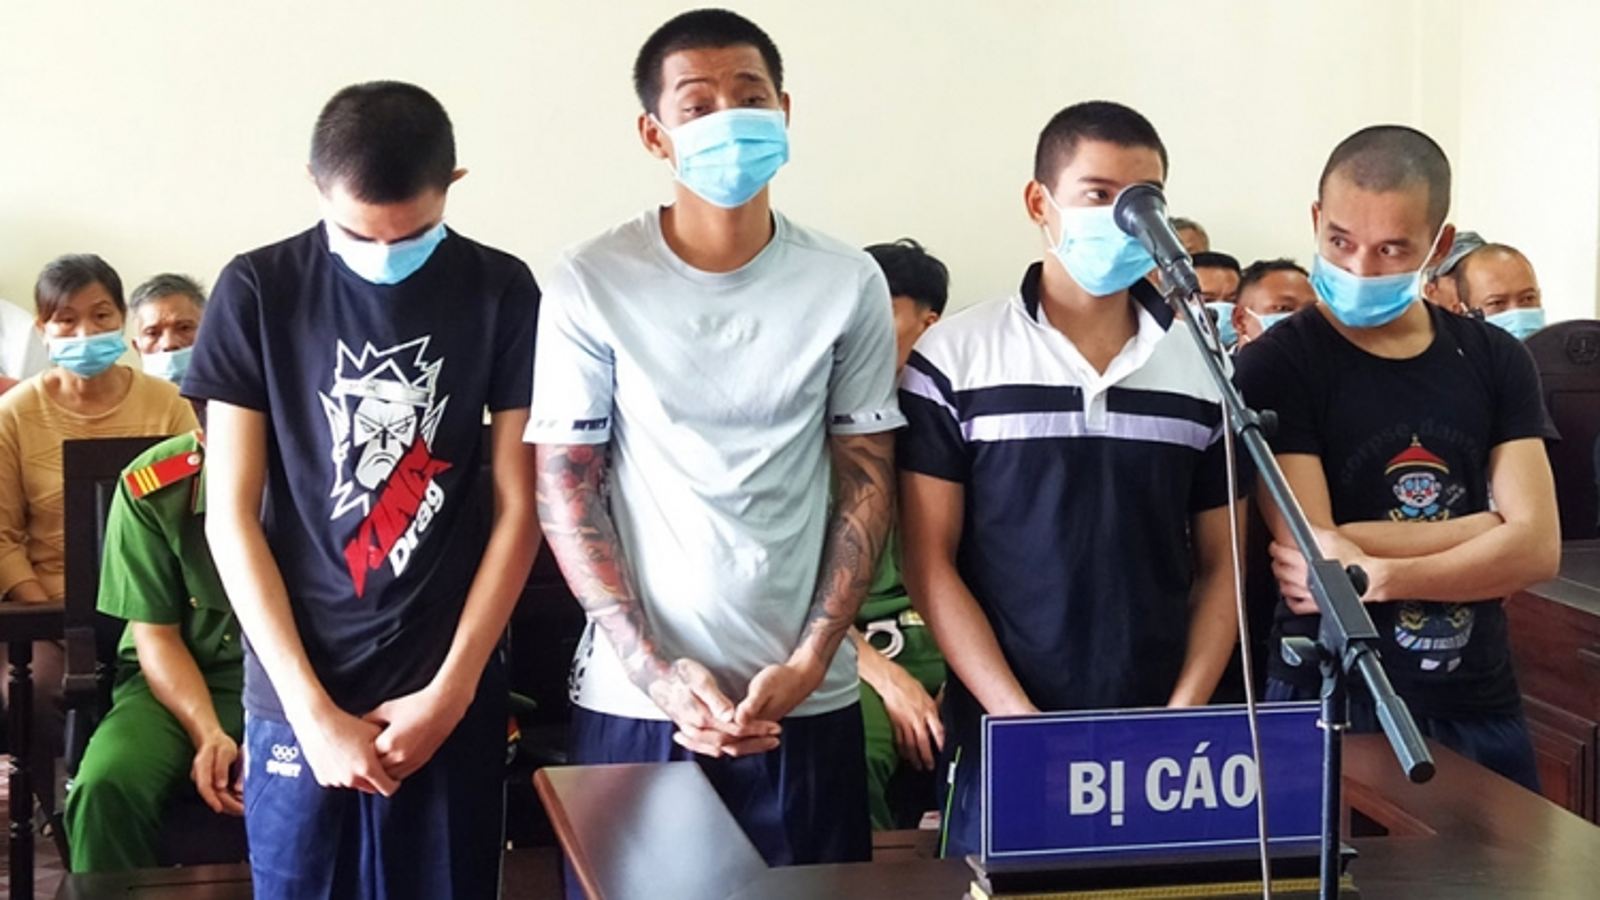 4 bị cáo đưa người trái phép sang biên giới nhận án 17 năm tù